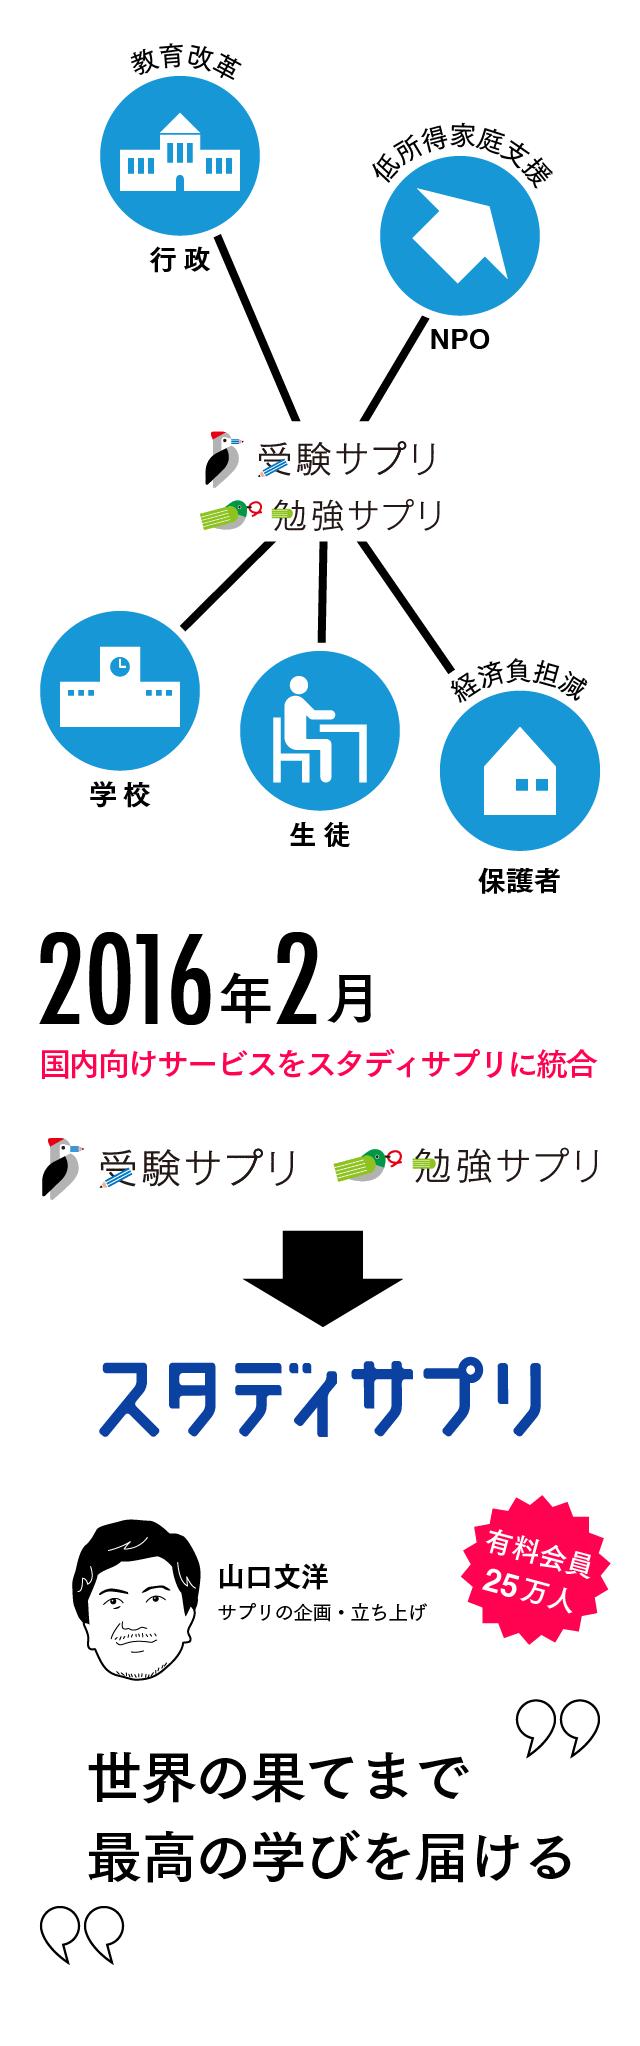 【マスター】スタディサプリインフォ_20160302-2-08